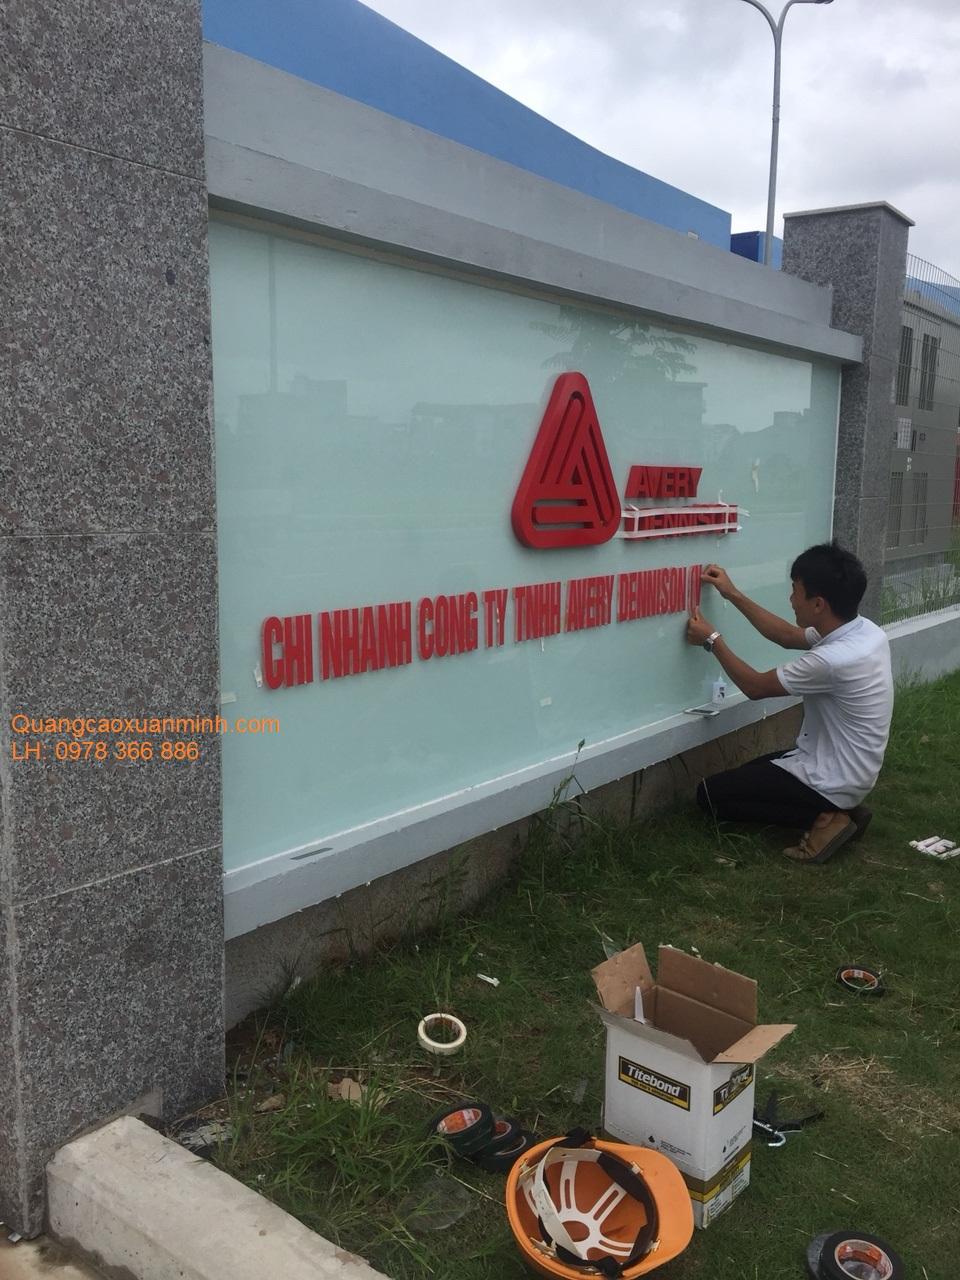 Biển-chữ-nhà-Máy-Avery-KCN-Vsip-Bắc-Ninh..